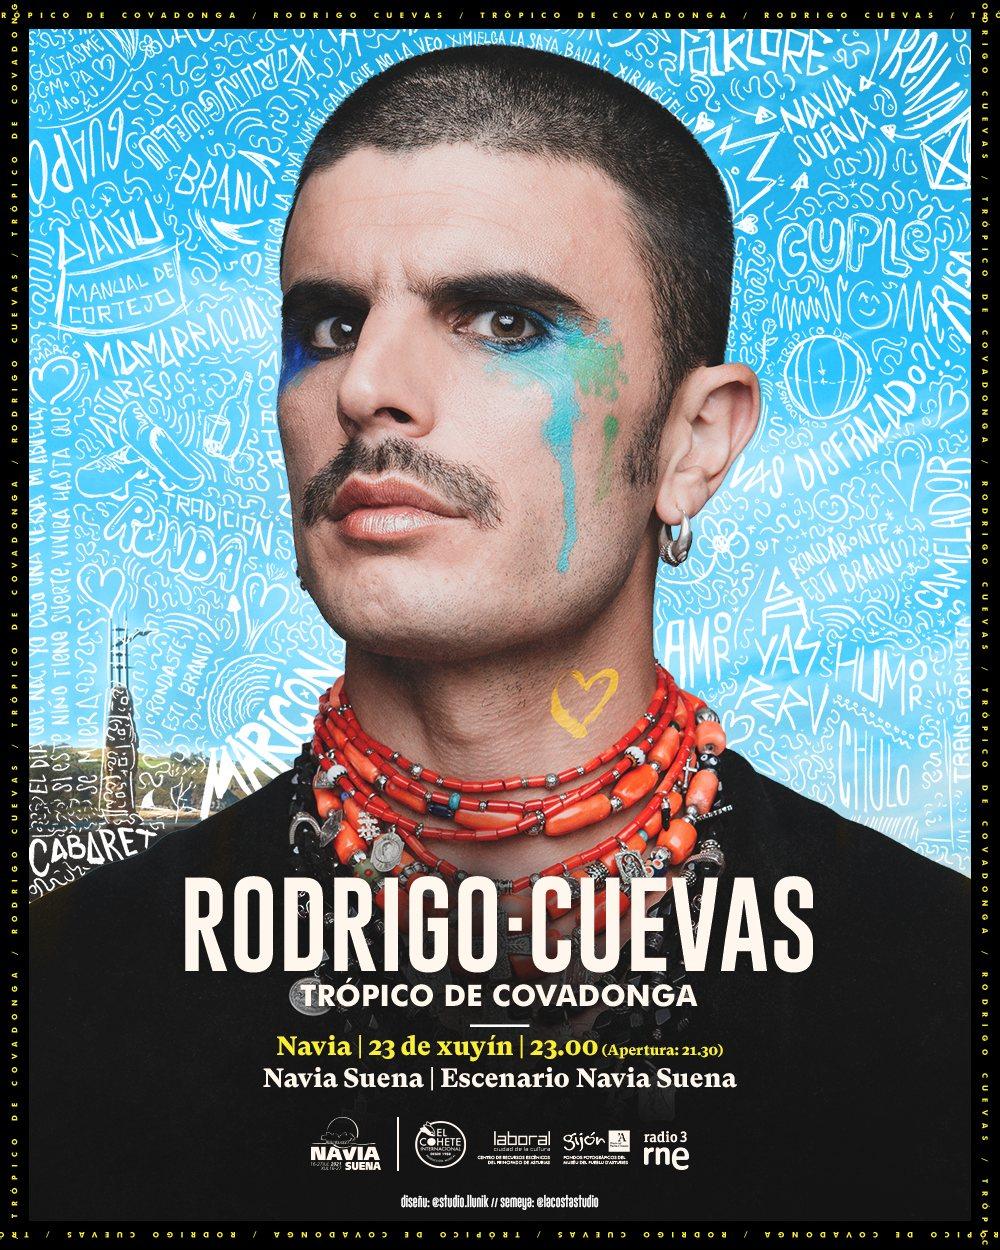 Rodrigo Cuevas. Festival Navia Suena